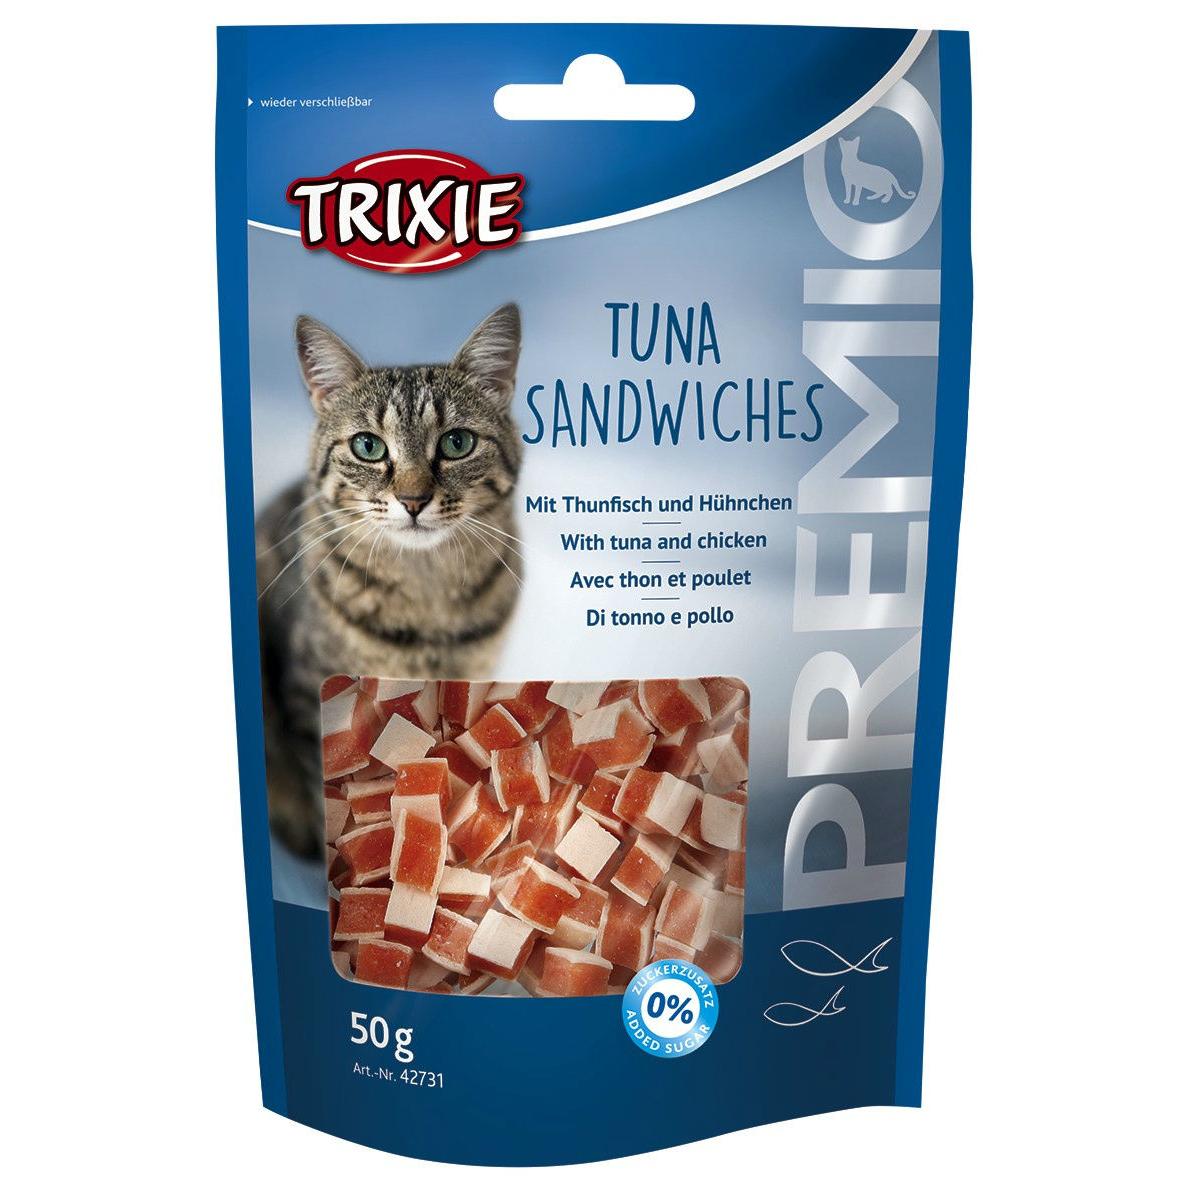 Trixie Katzensnack Tuna Sandwiches 42731